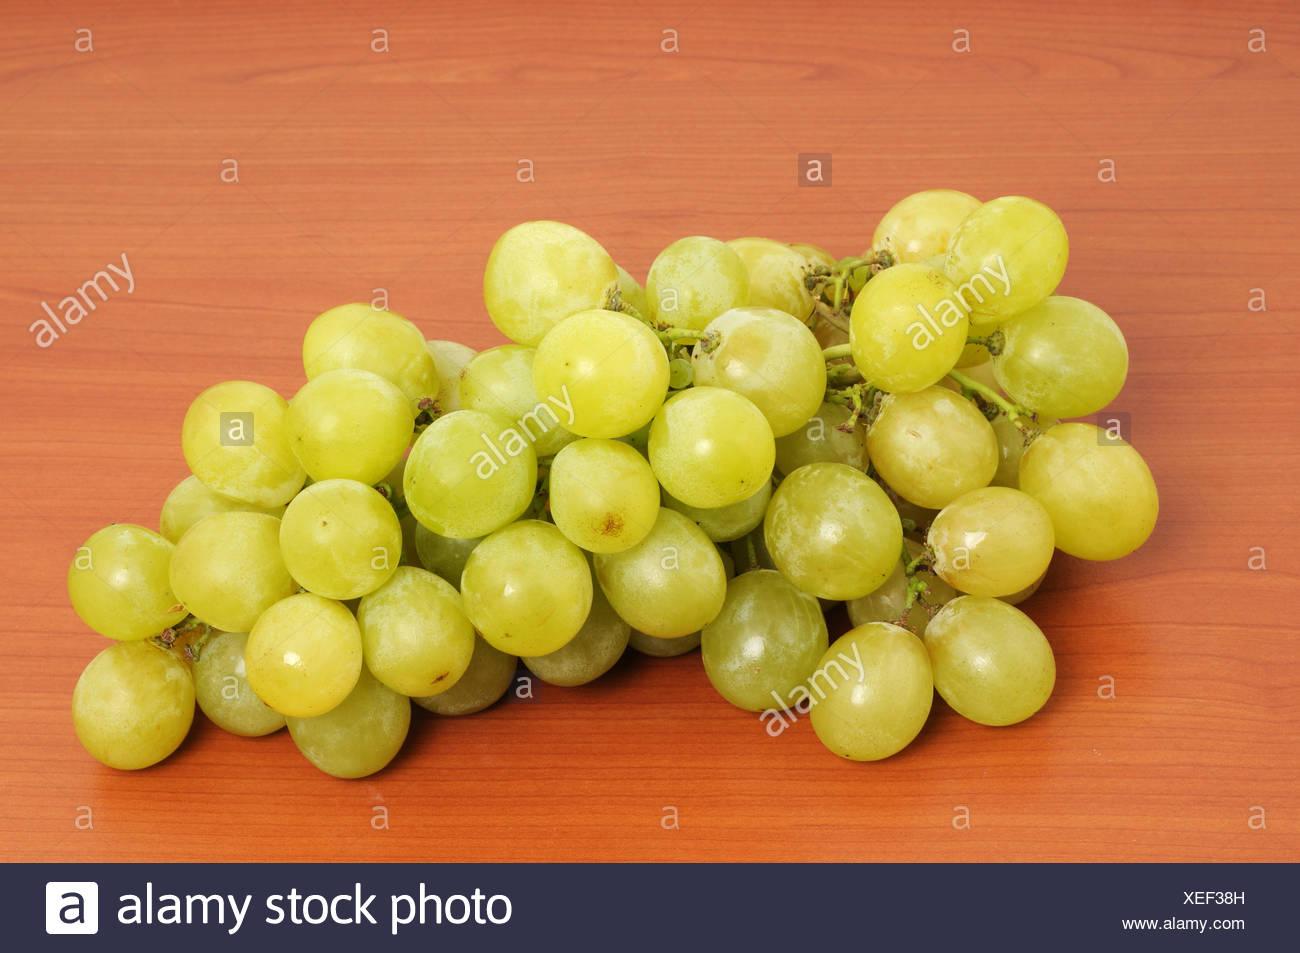 Weintraube / Grape Stock Photo